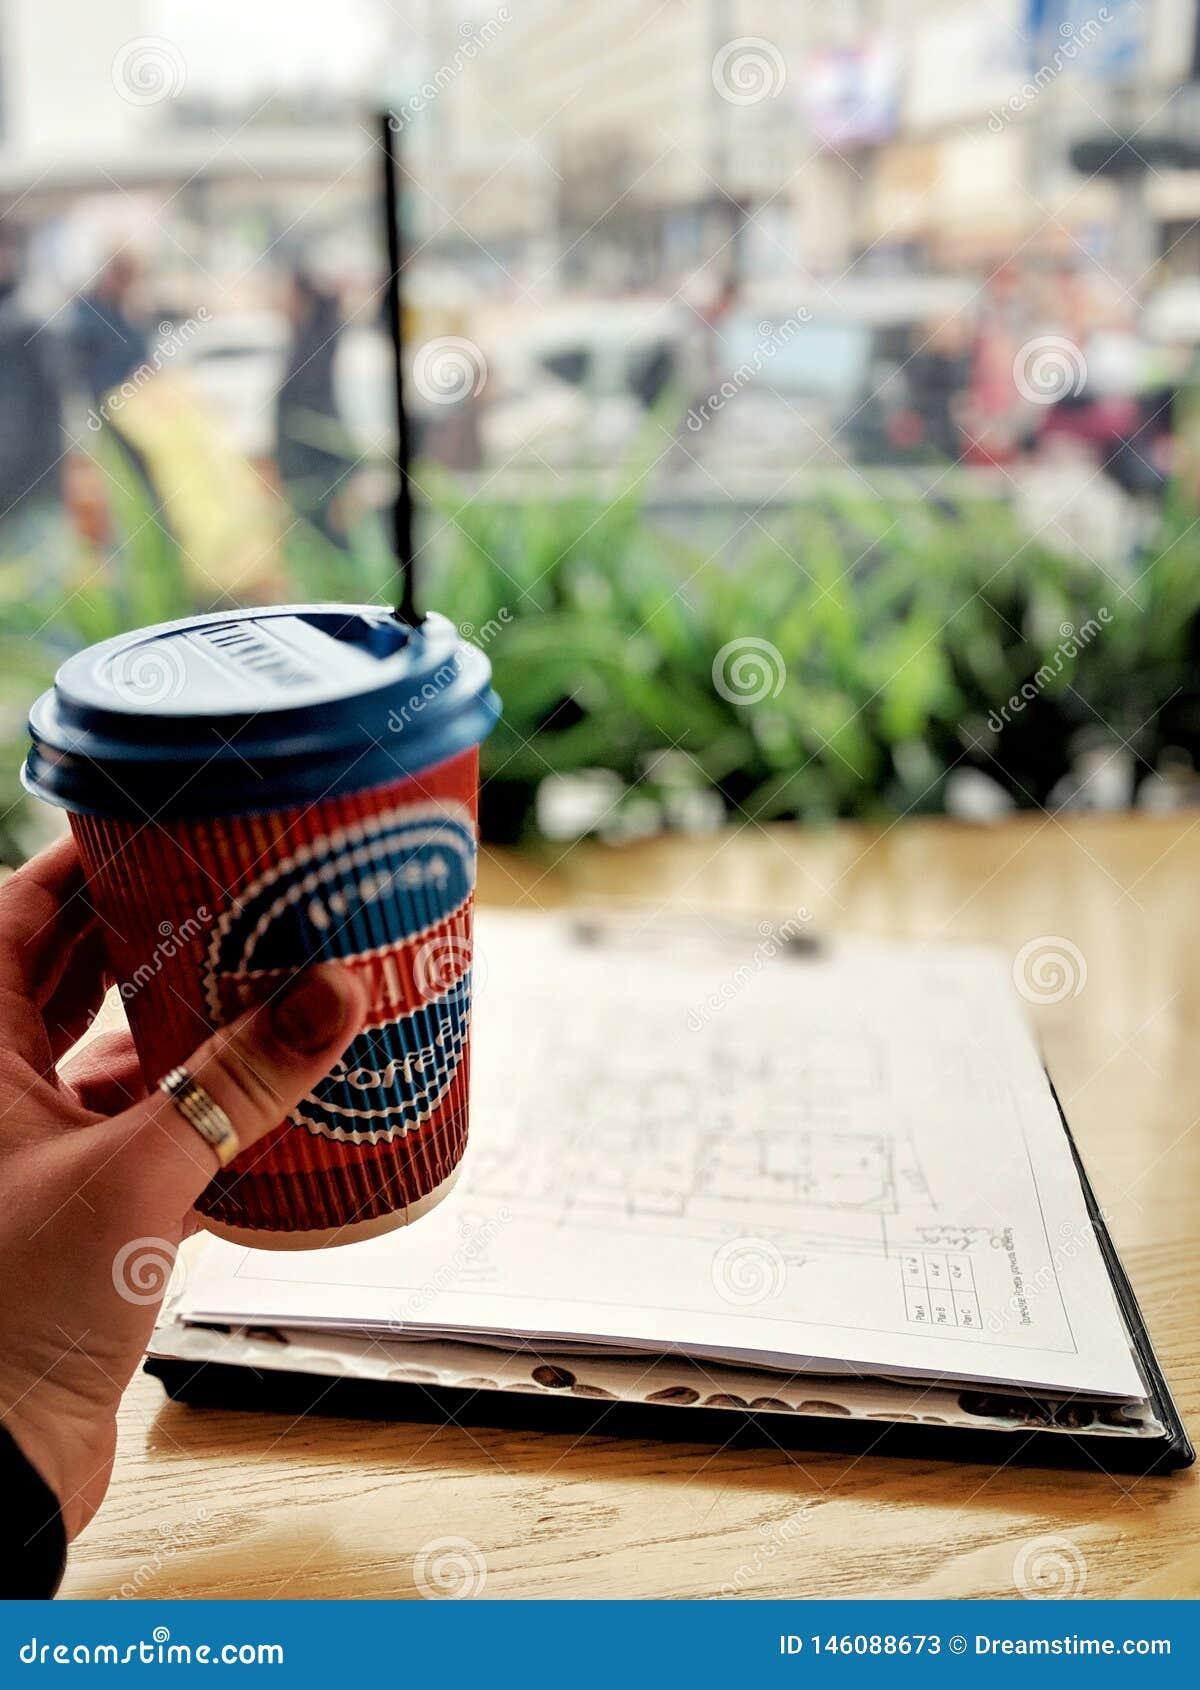 Pranzo della pausa caff?